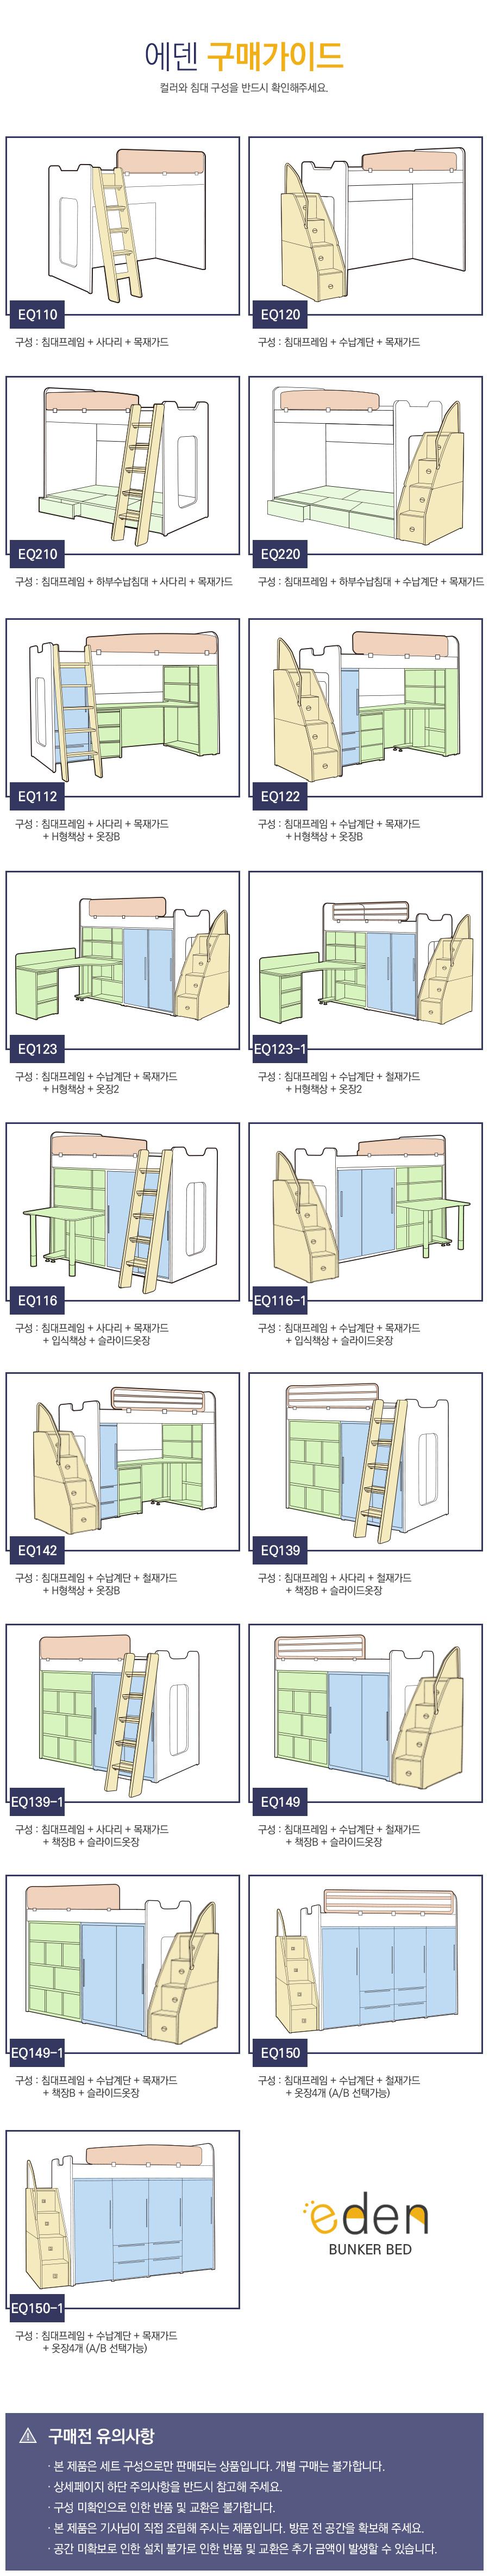 01-4_guide_1.jpg